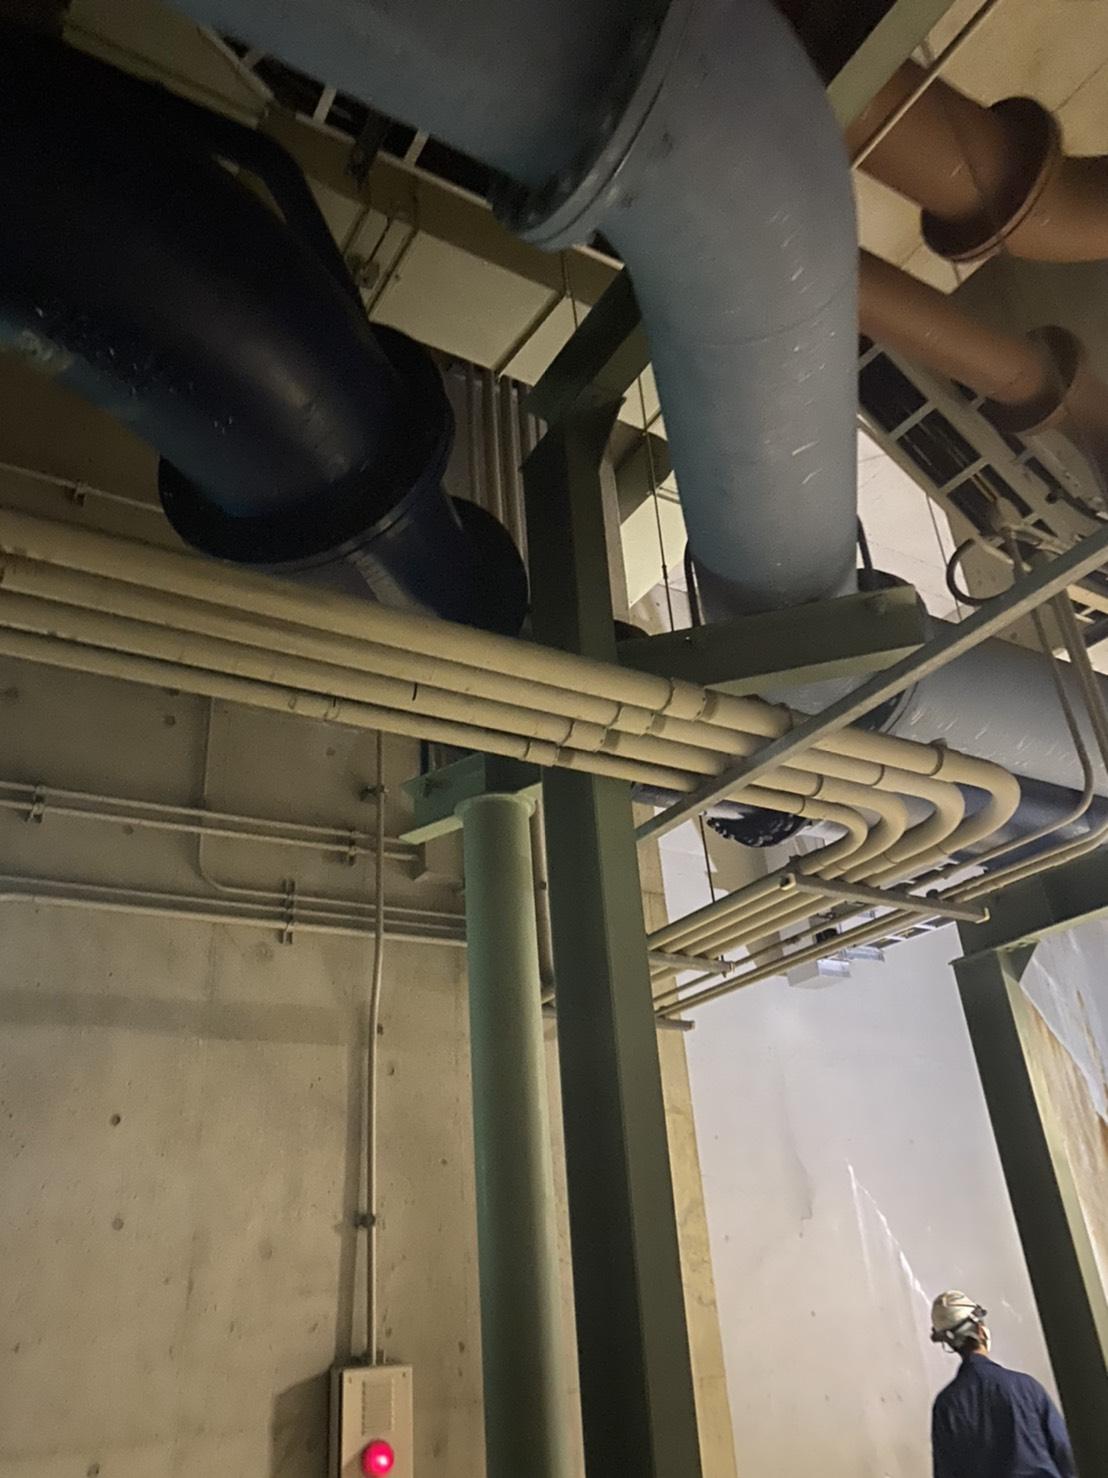 愛知県某工場 空調配管・水道管などの点検工事